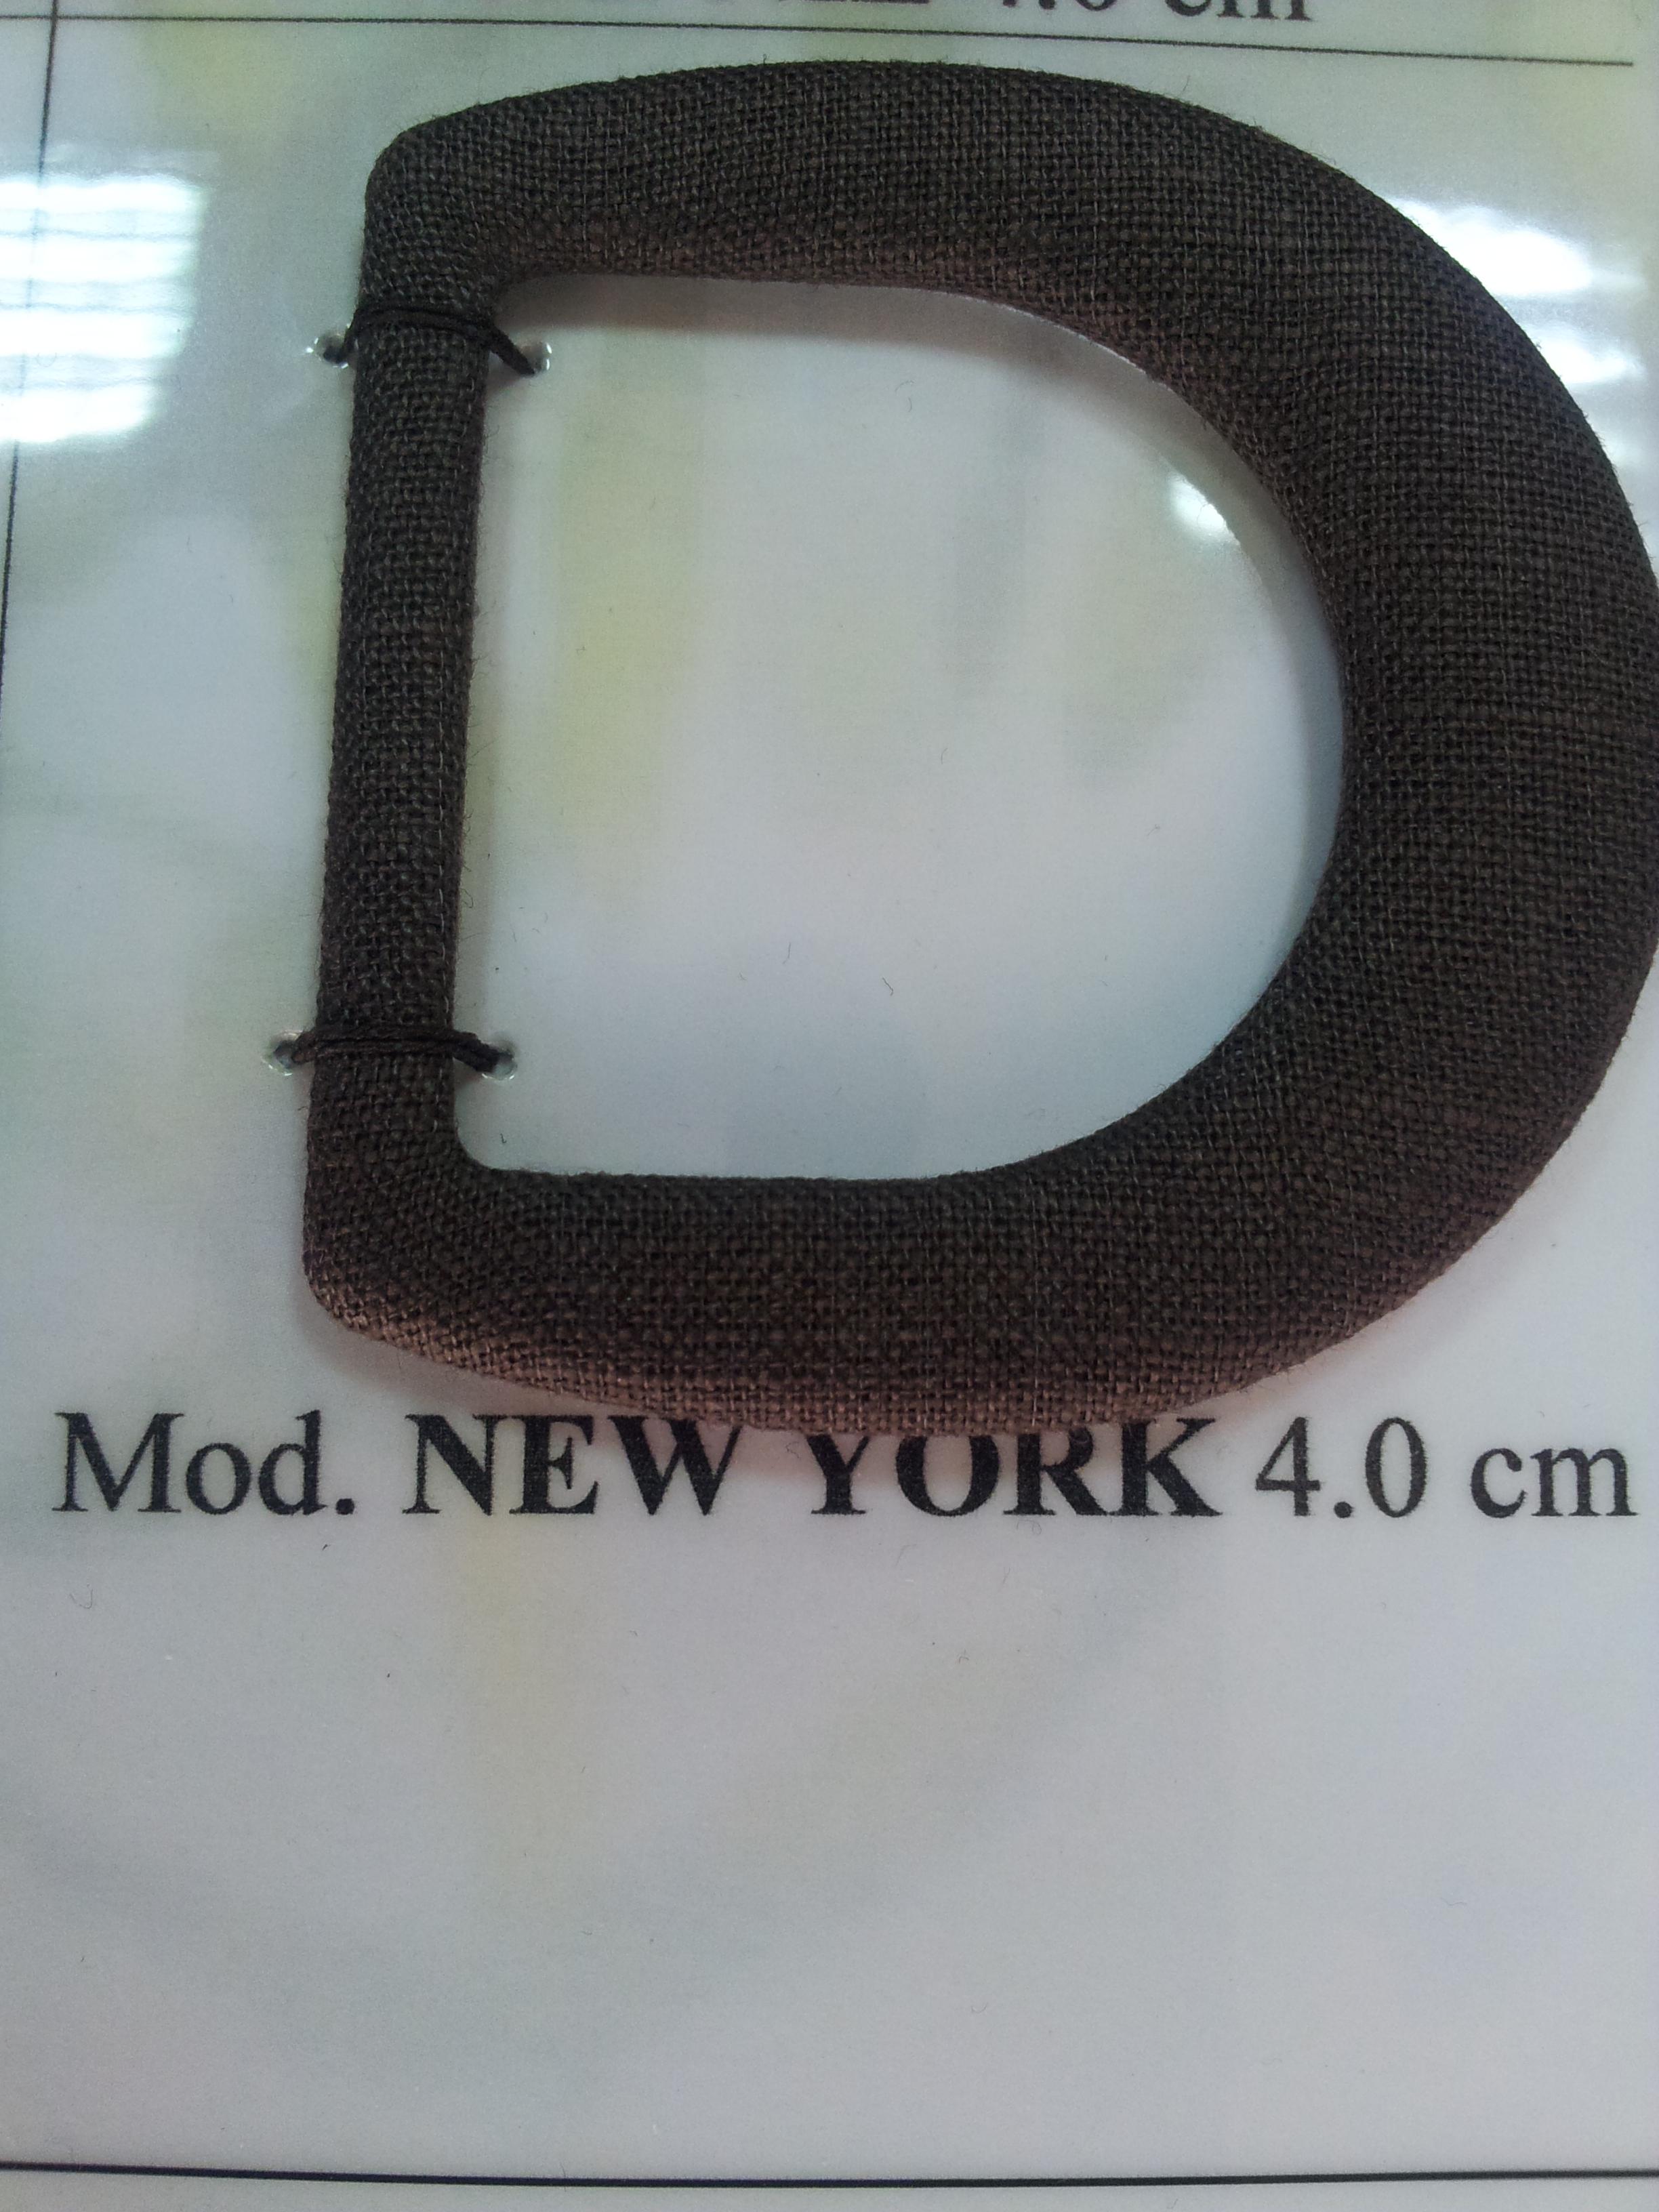 Art.NEW YORK.jpg